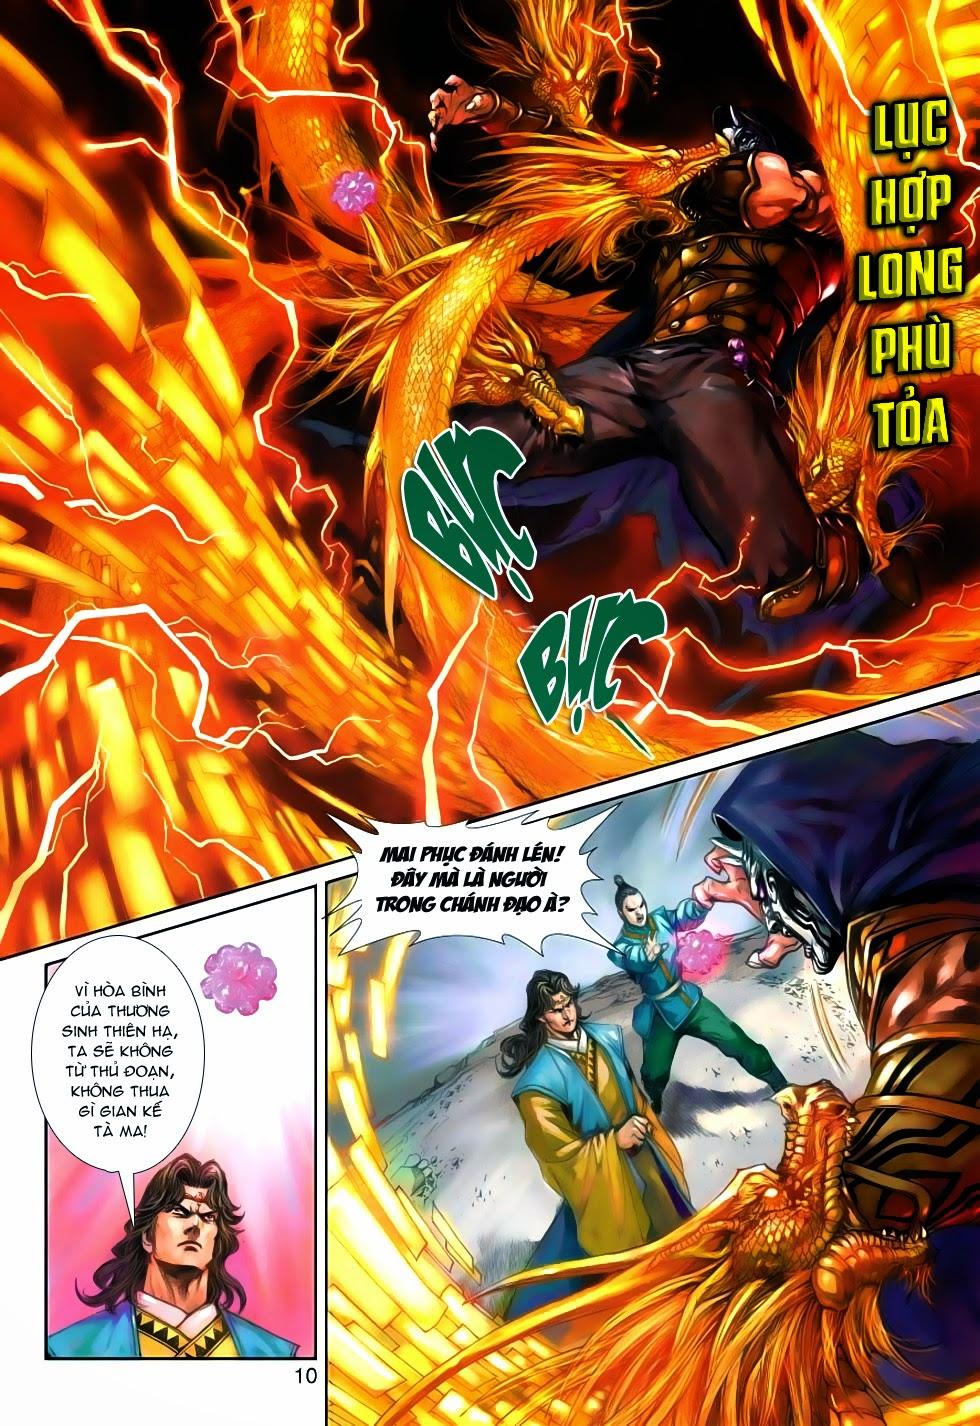 Thần Binh Tiền Truyện 4 - Huyền Thiên Tà Đế chap 5 - Trang 10